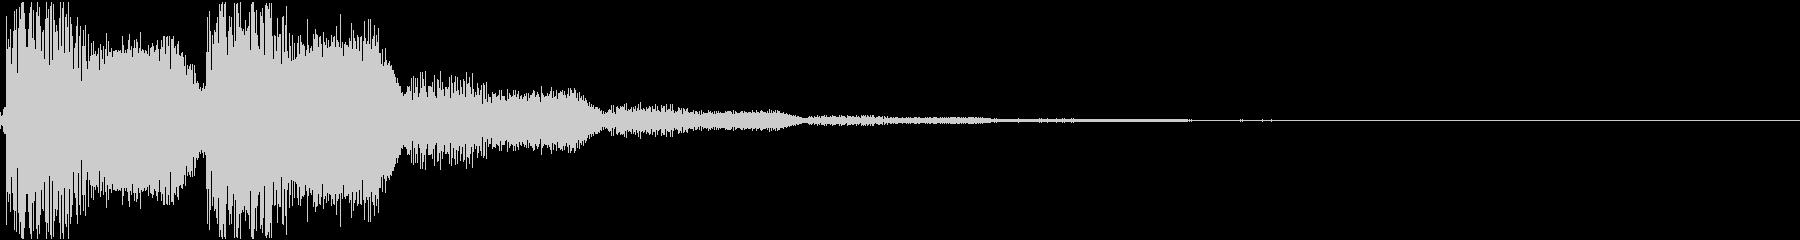 ブー:ラッパの衝撃音の未再生の波形